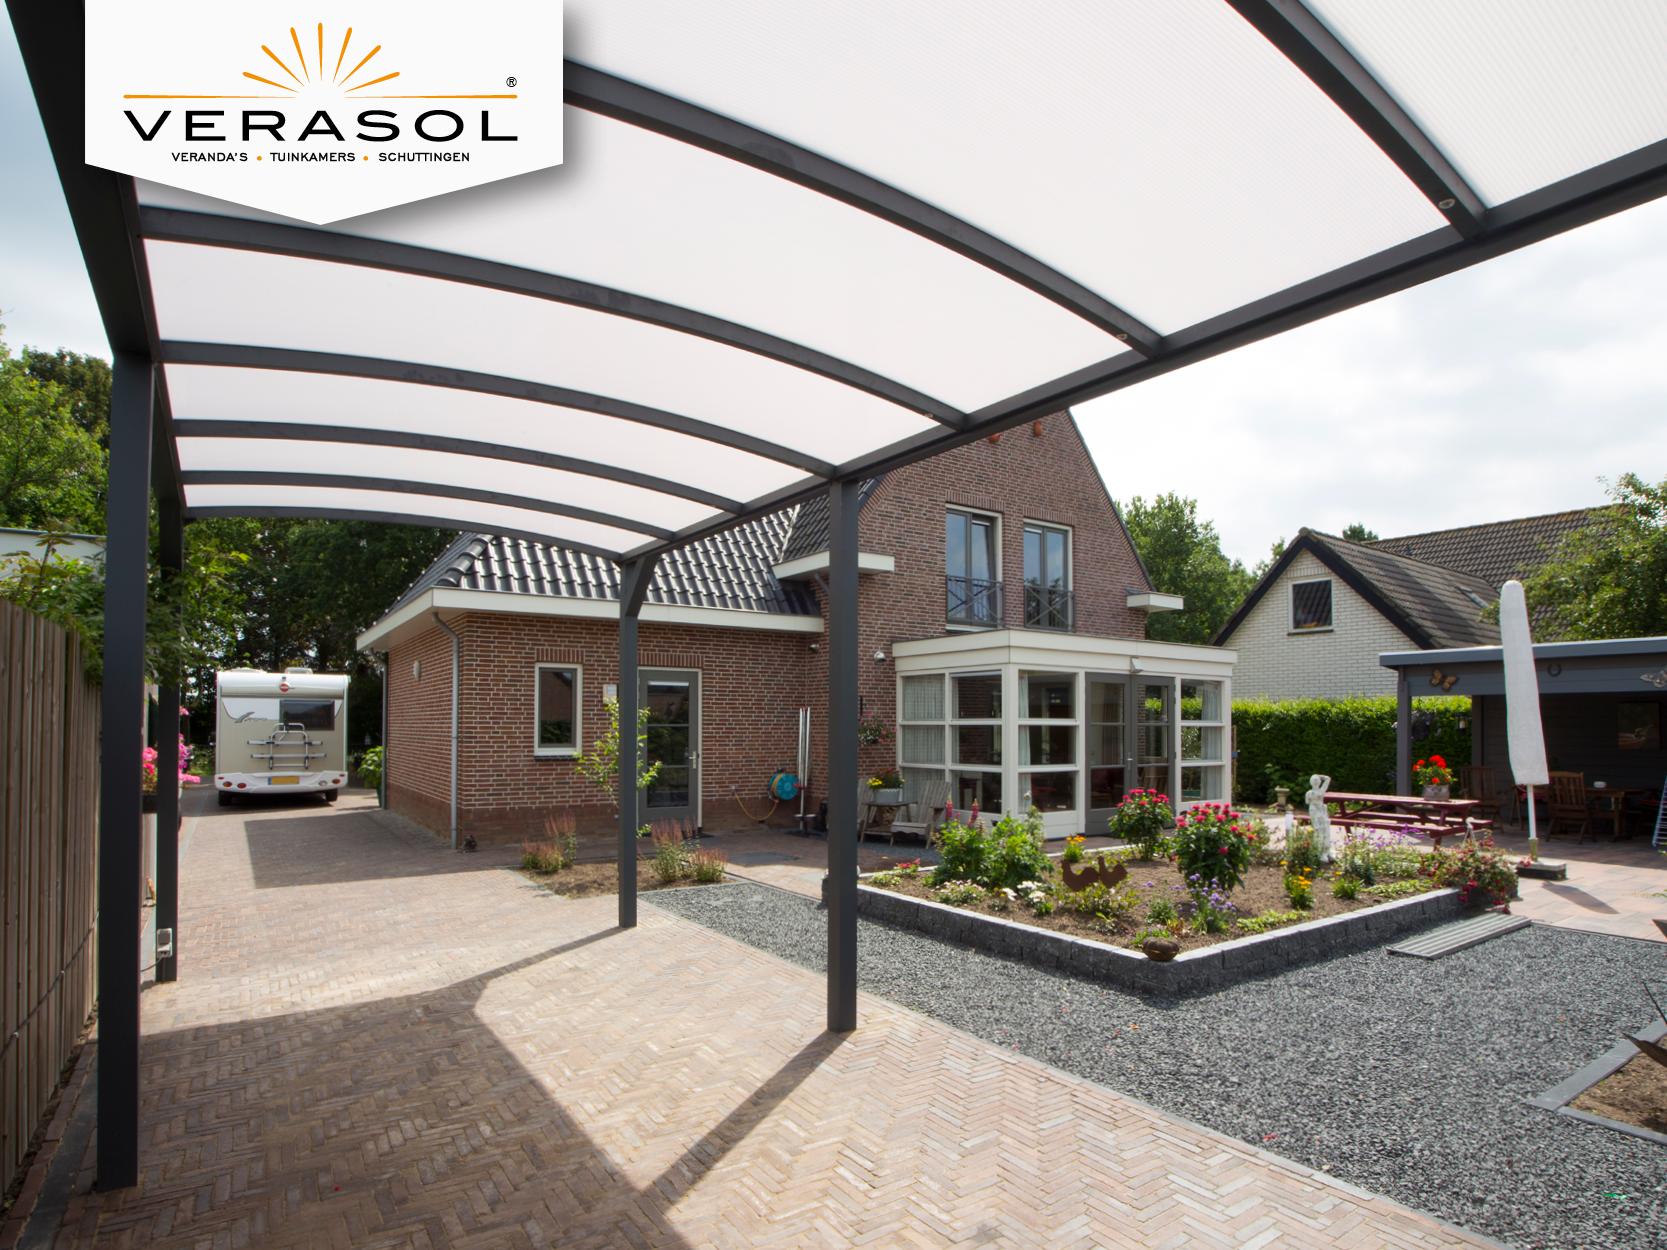 Verasol Carport | Vlak | RAL 9016 Structuurlak | Verasol Carports ...